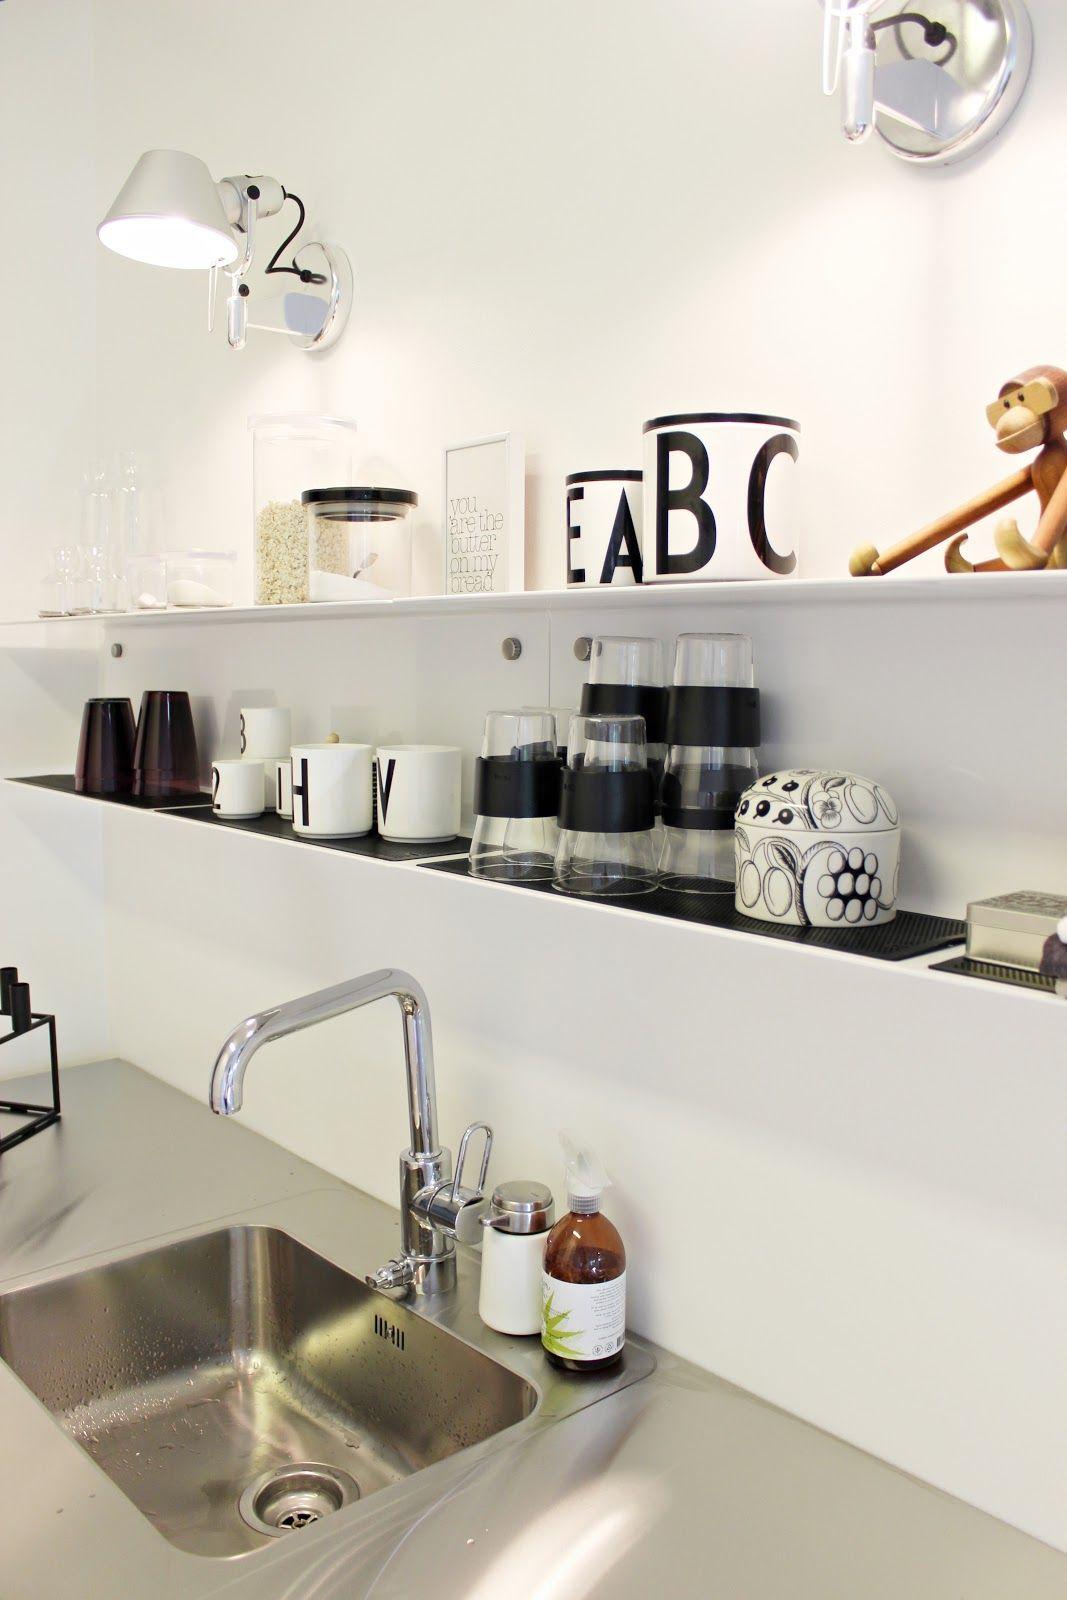 Küche schwarz weiß Wandregal | Regale | Pinterest | Küche schwarz ...